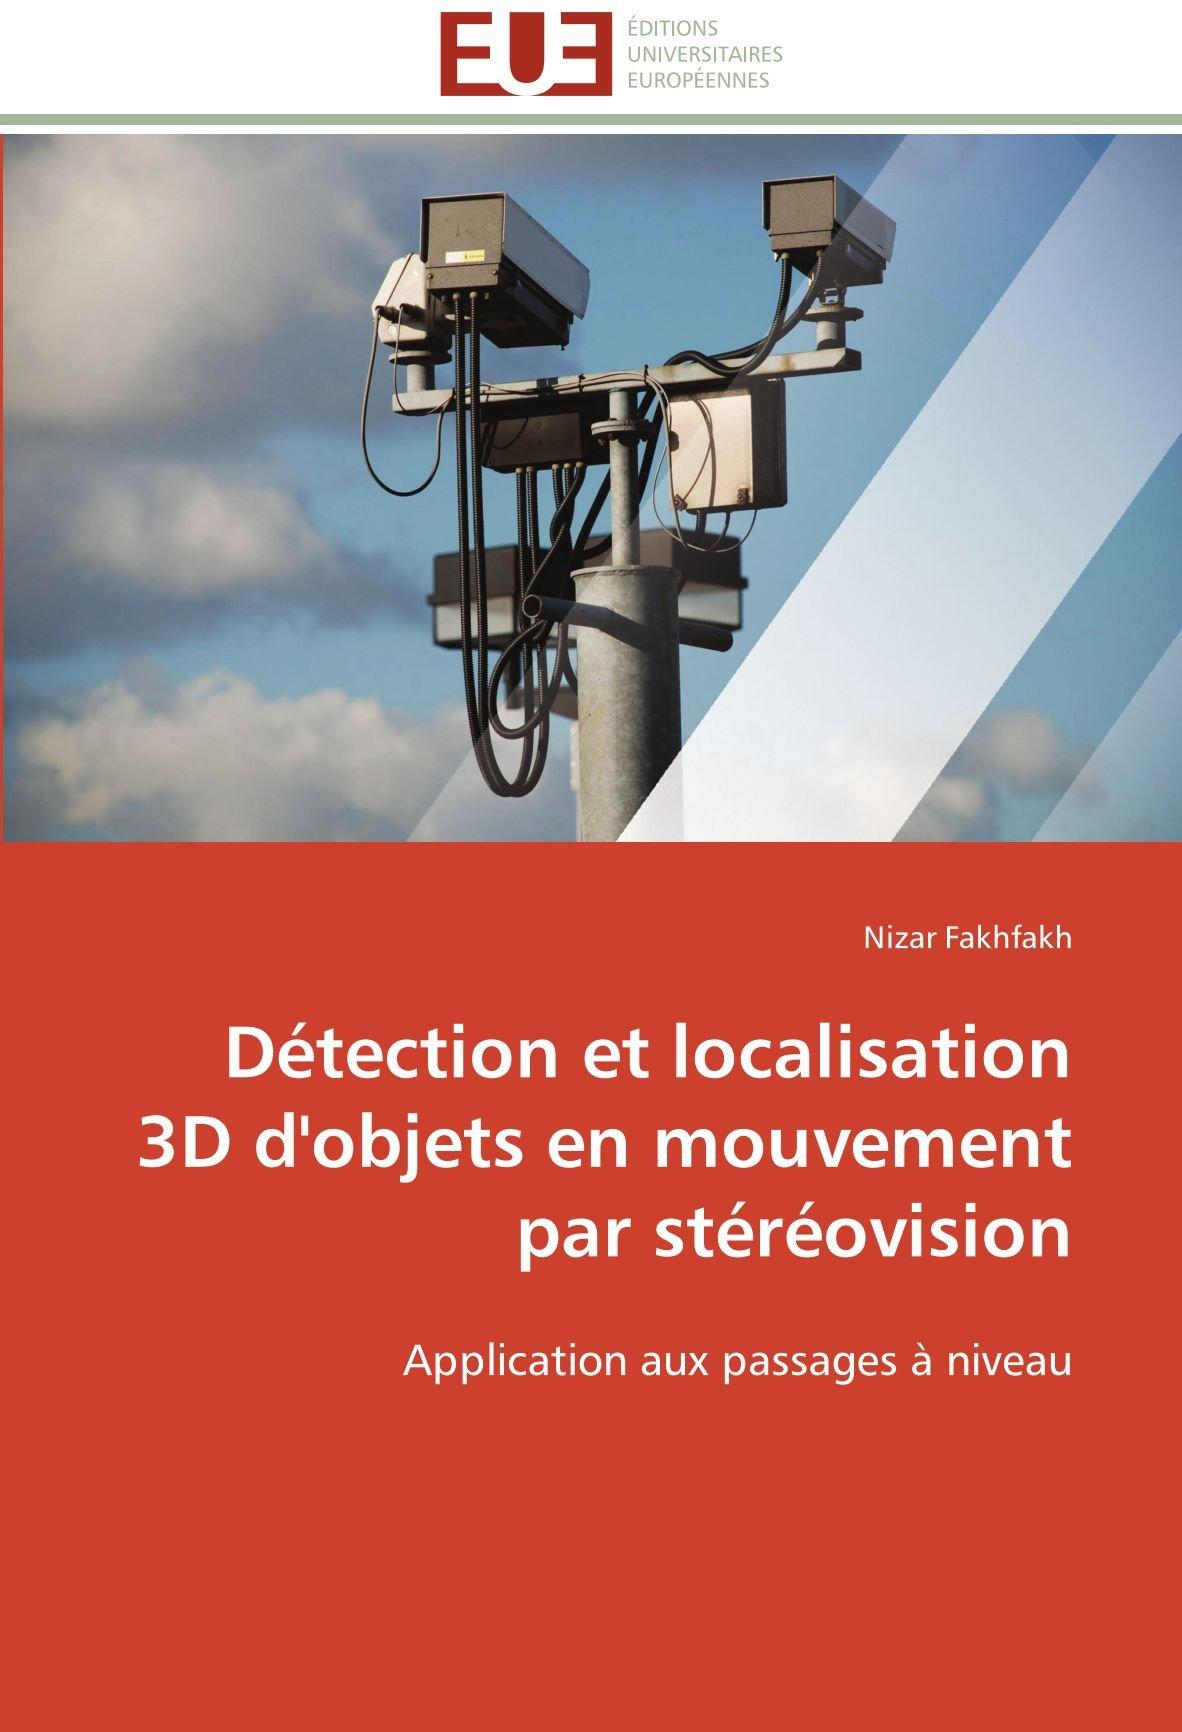 Détection et localisation 3D d'objets en mouvement par stéréovision: Application aux passages à niveau (Omn.Univ.Europ.) (French Edition) pdf